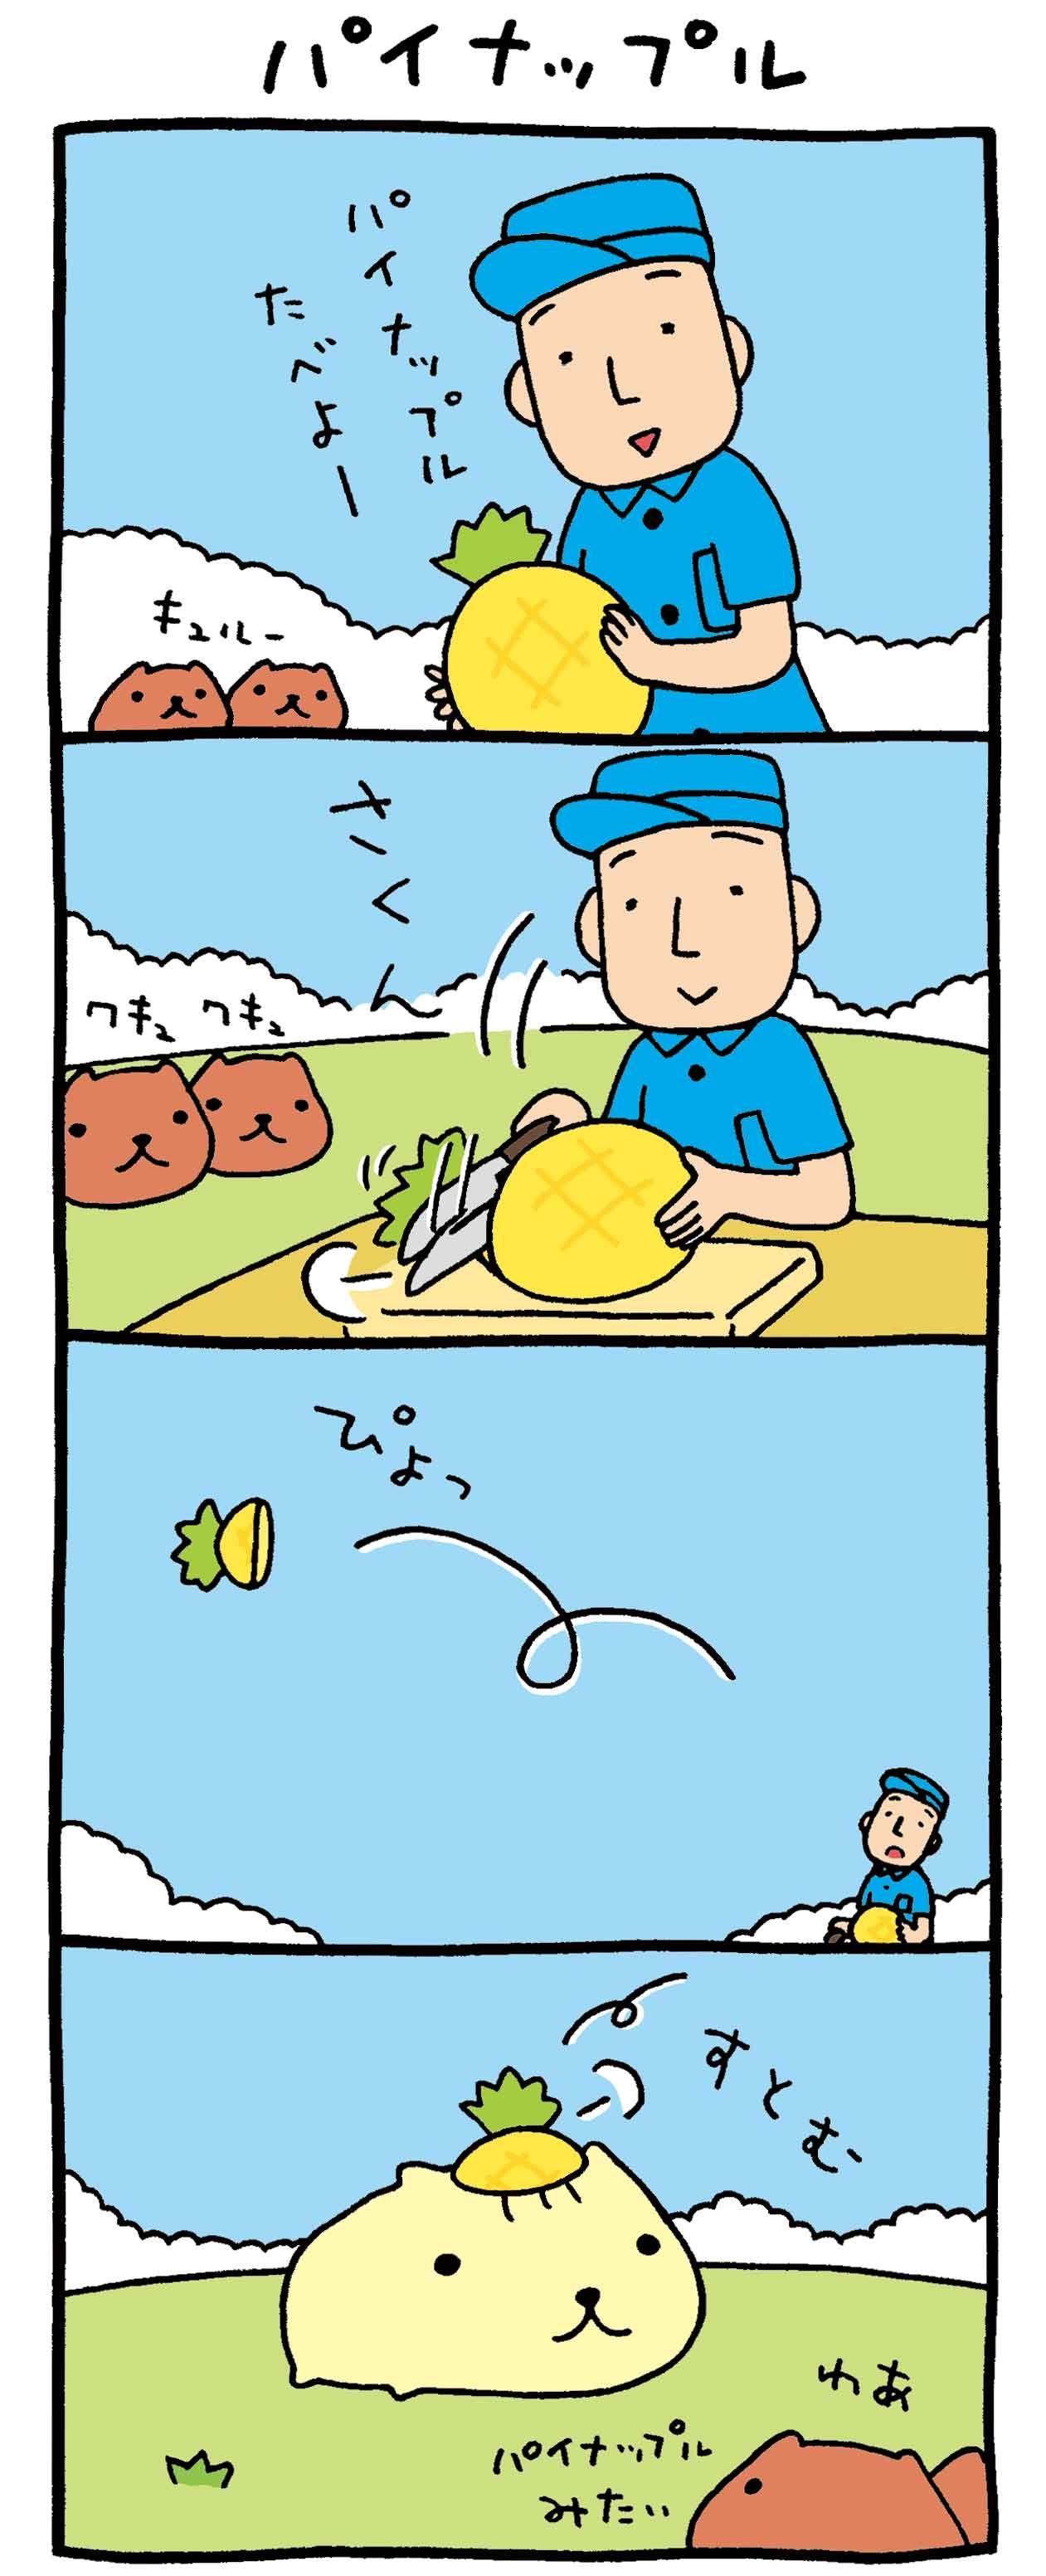 カピバラさん パイナップル 無料で読める漫画 4コマサイト